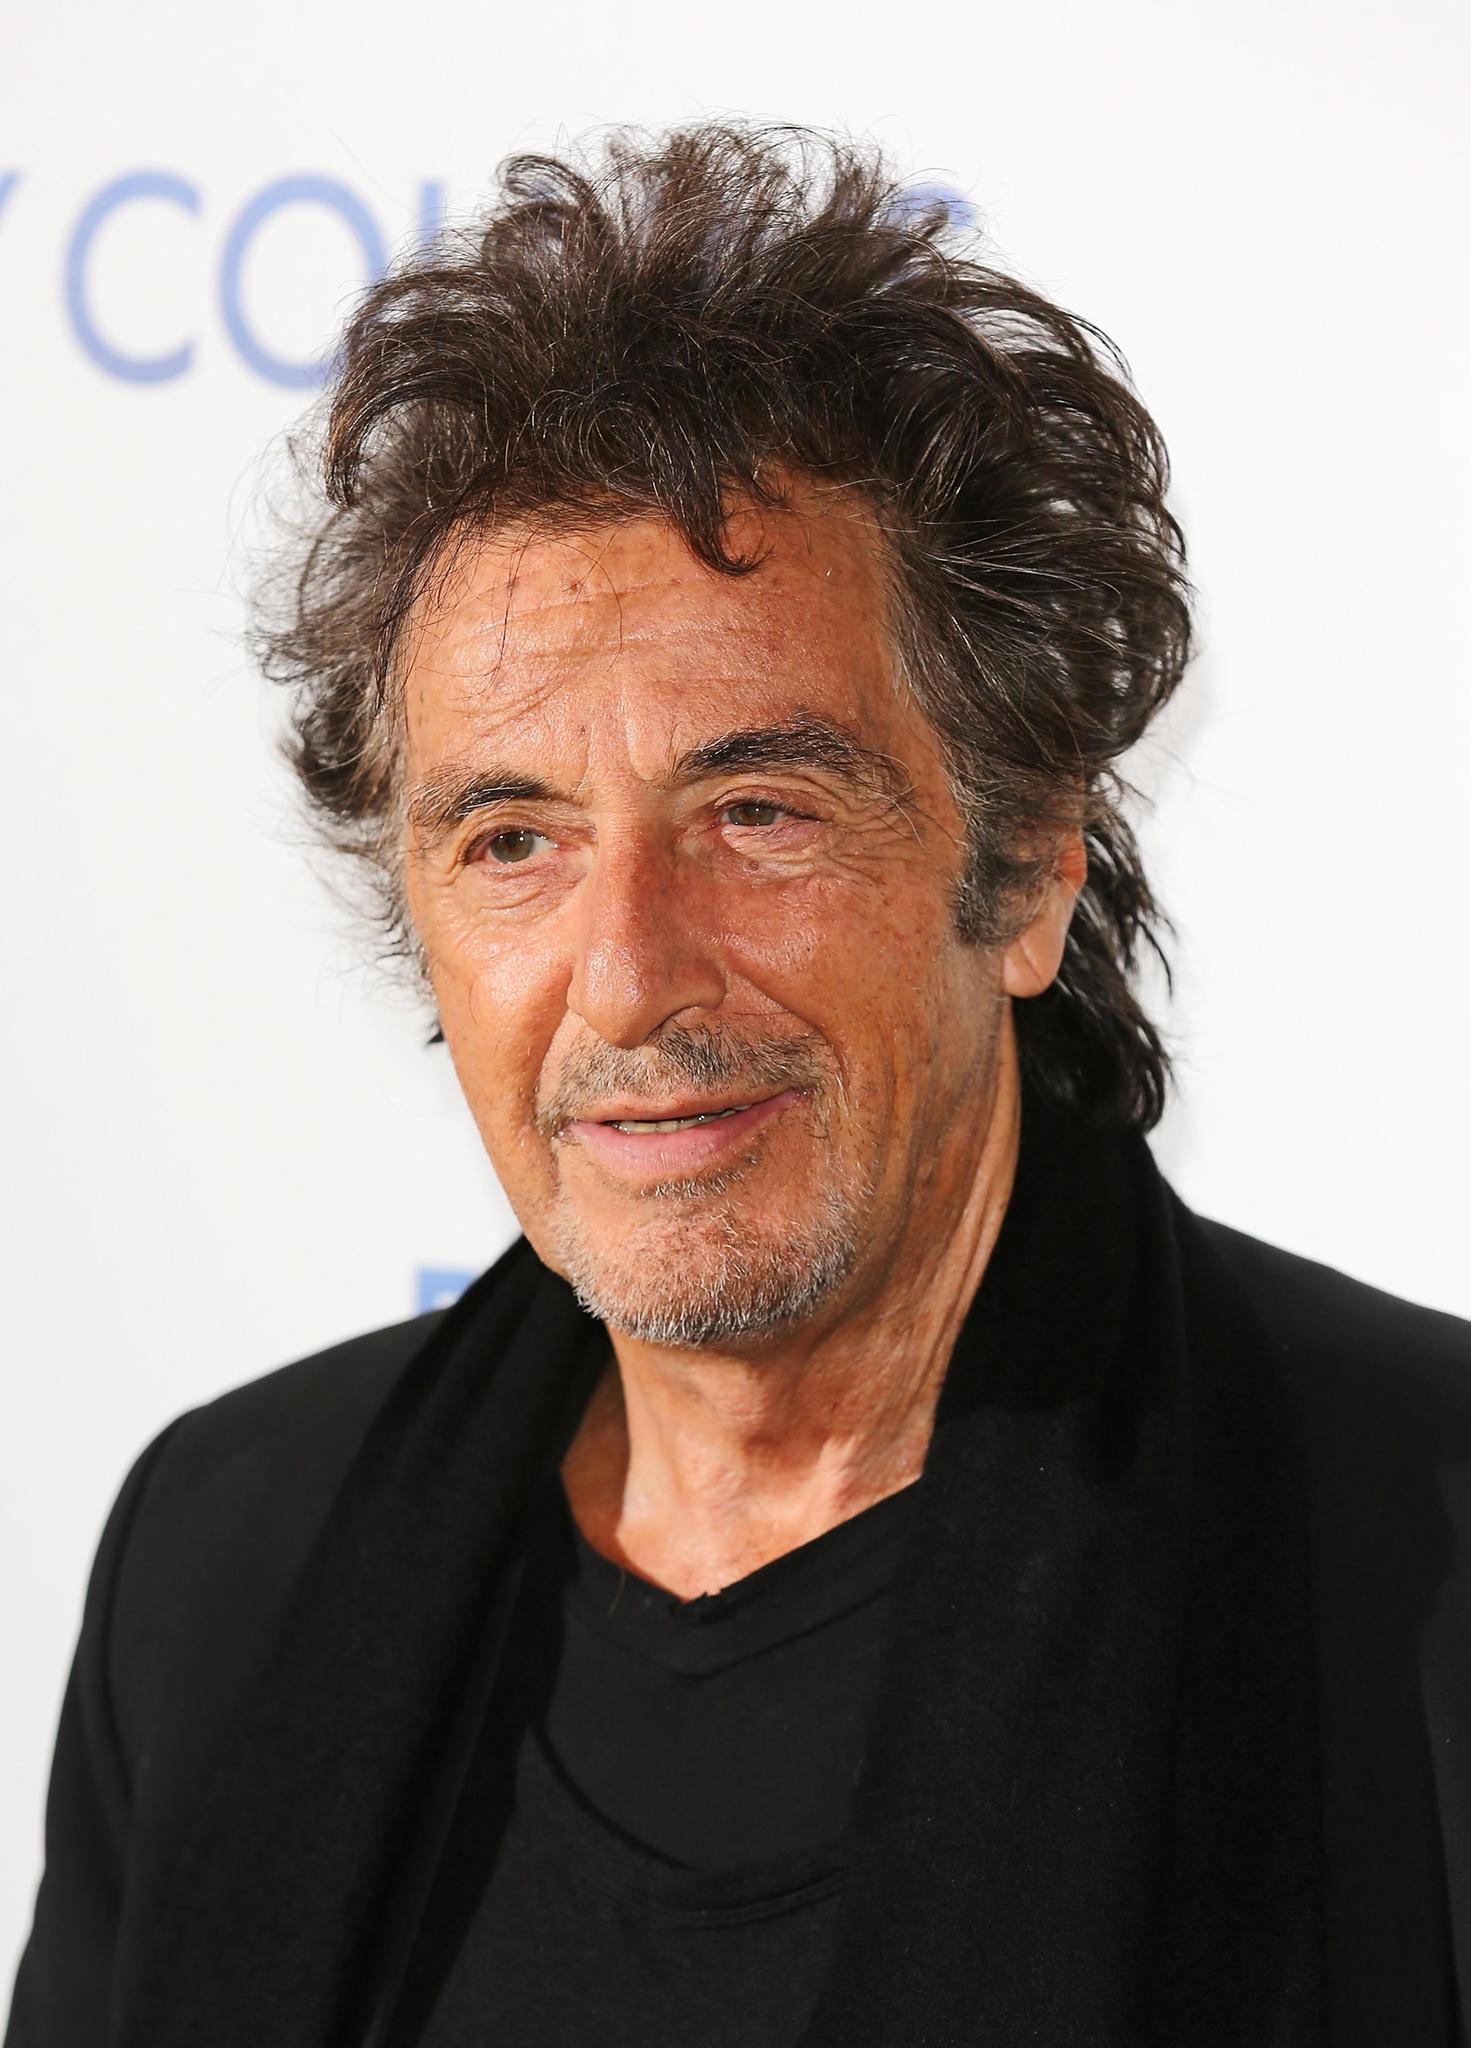 Leonoardo DiCaprios Freund und Kollege Al Pacino hat dem Schauspieler seine neue Freundin vorgestellt.